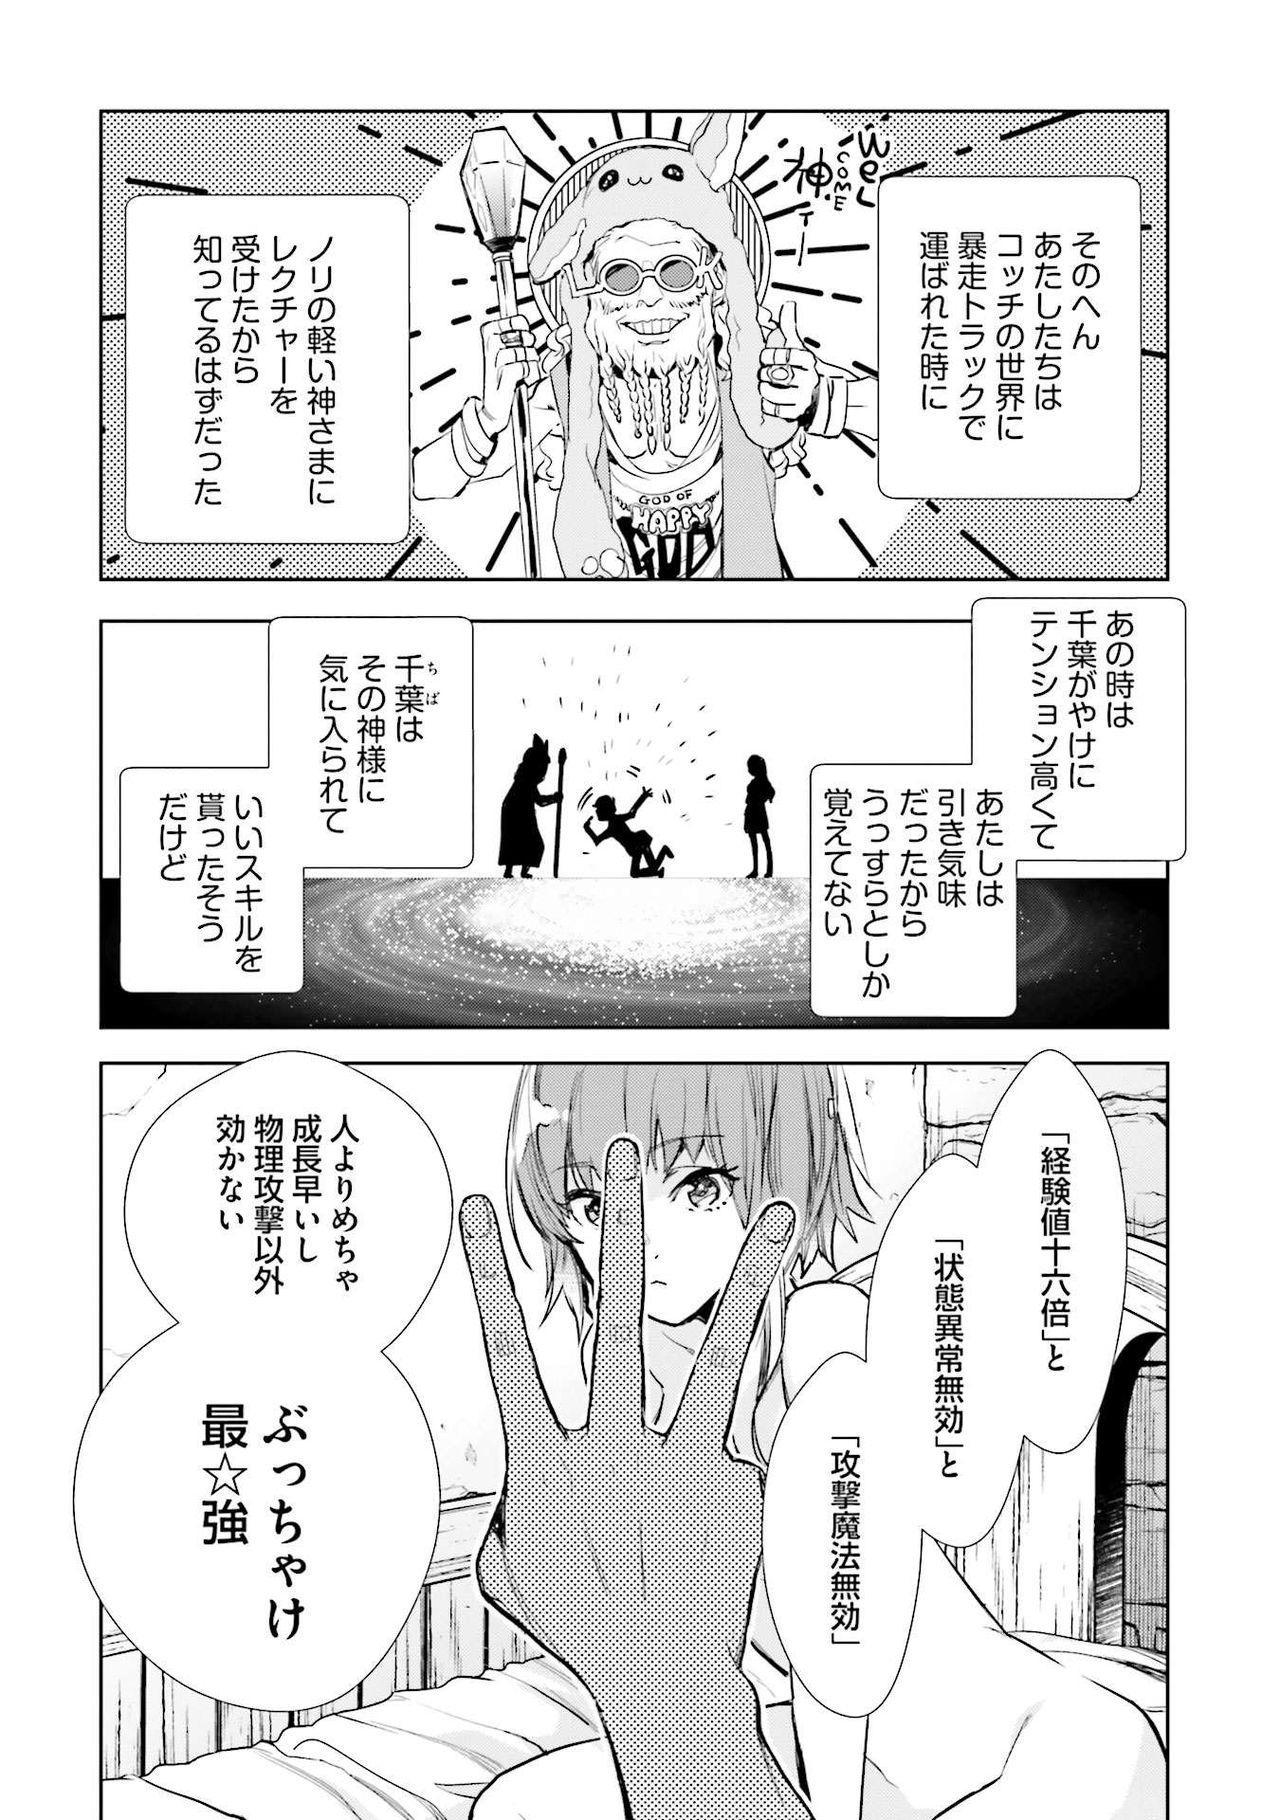 JK Haru wa Isekai de Shoufu ni Natta 1-14 39